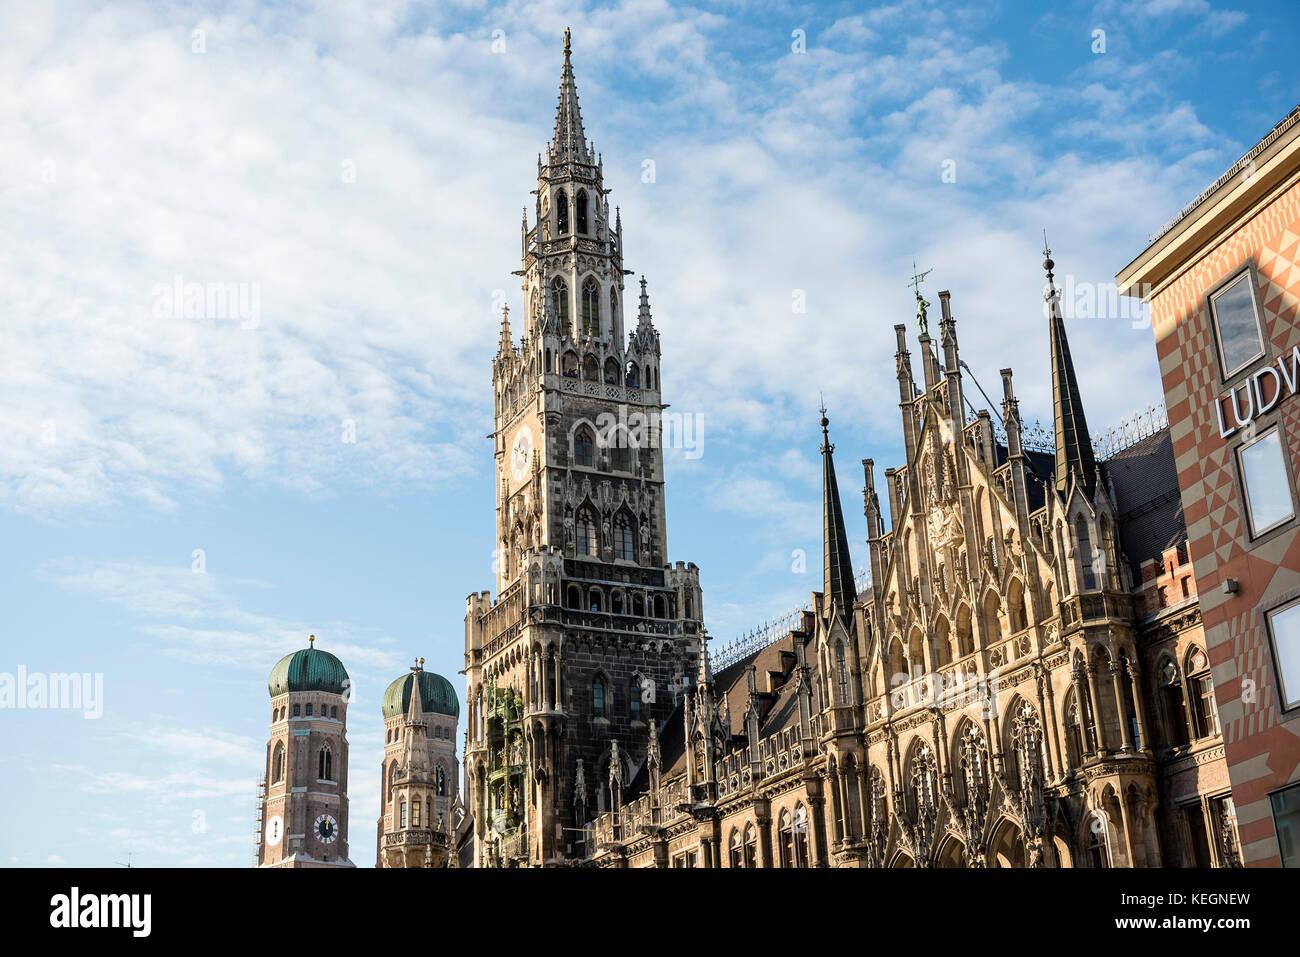 Marienplatz mit Rathhaus und Frauenkirche, Munich, Baviera, Alemania Imagen De Stock